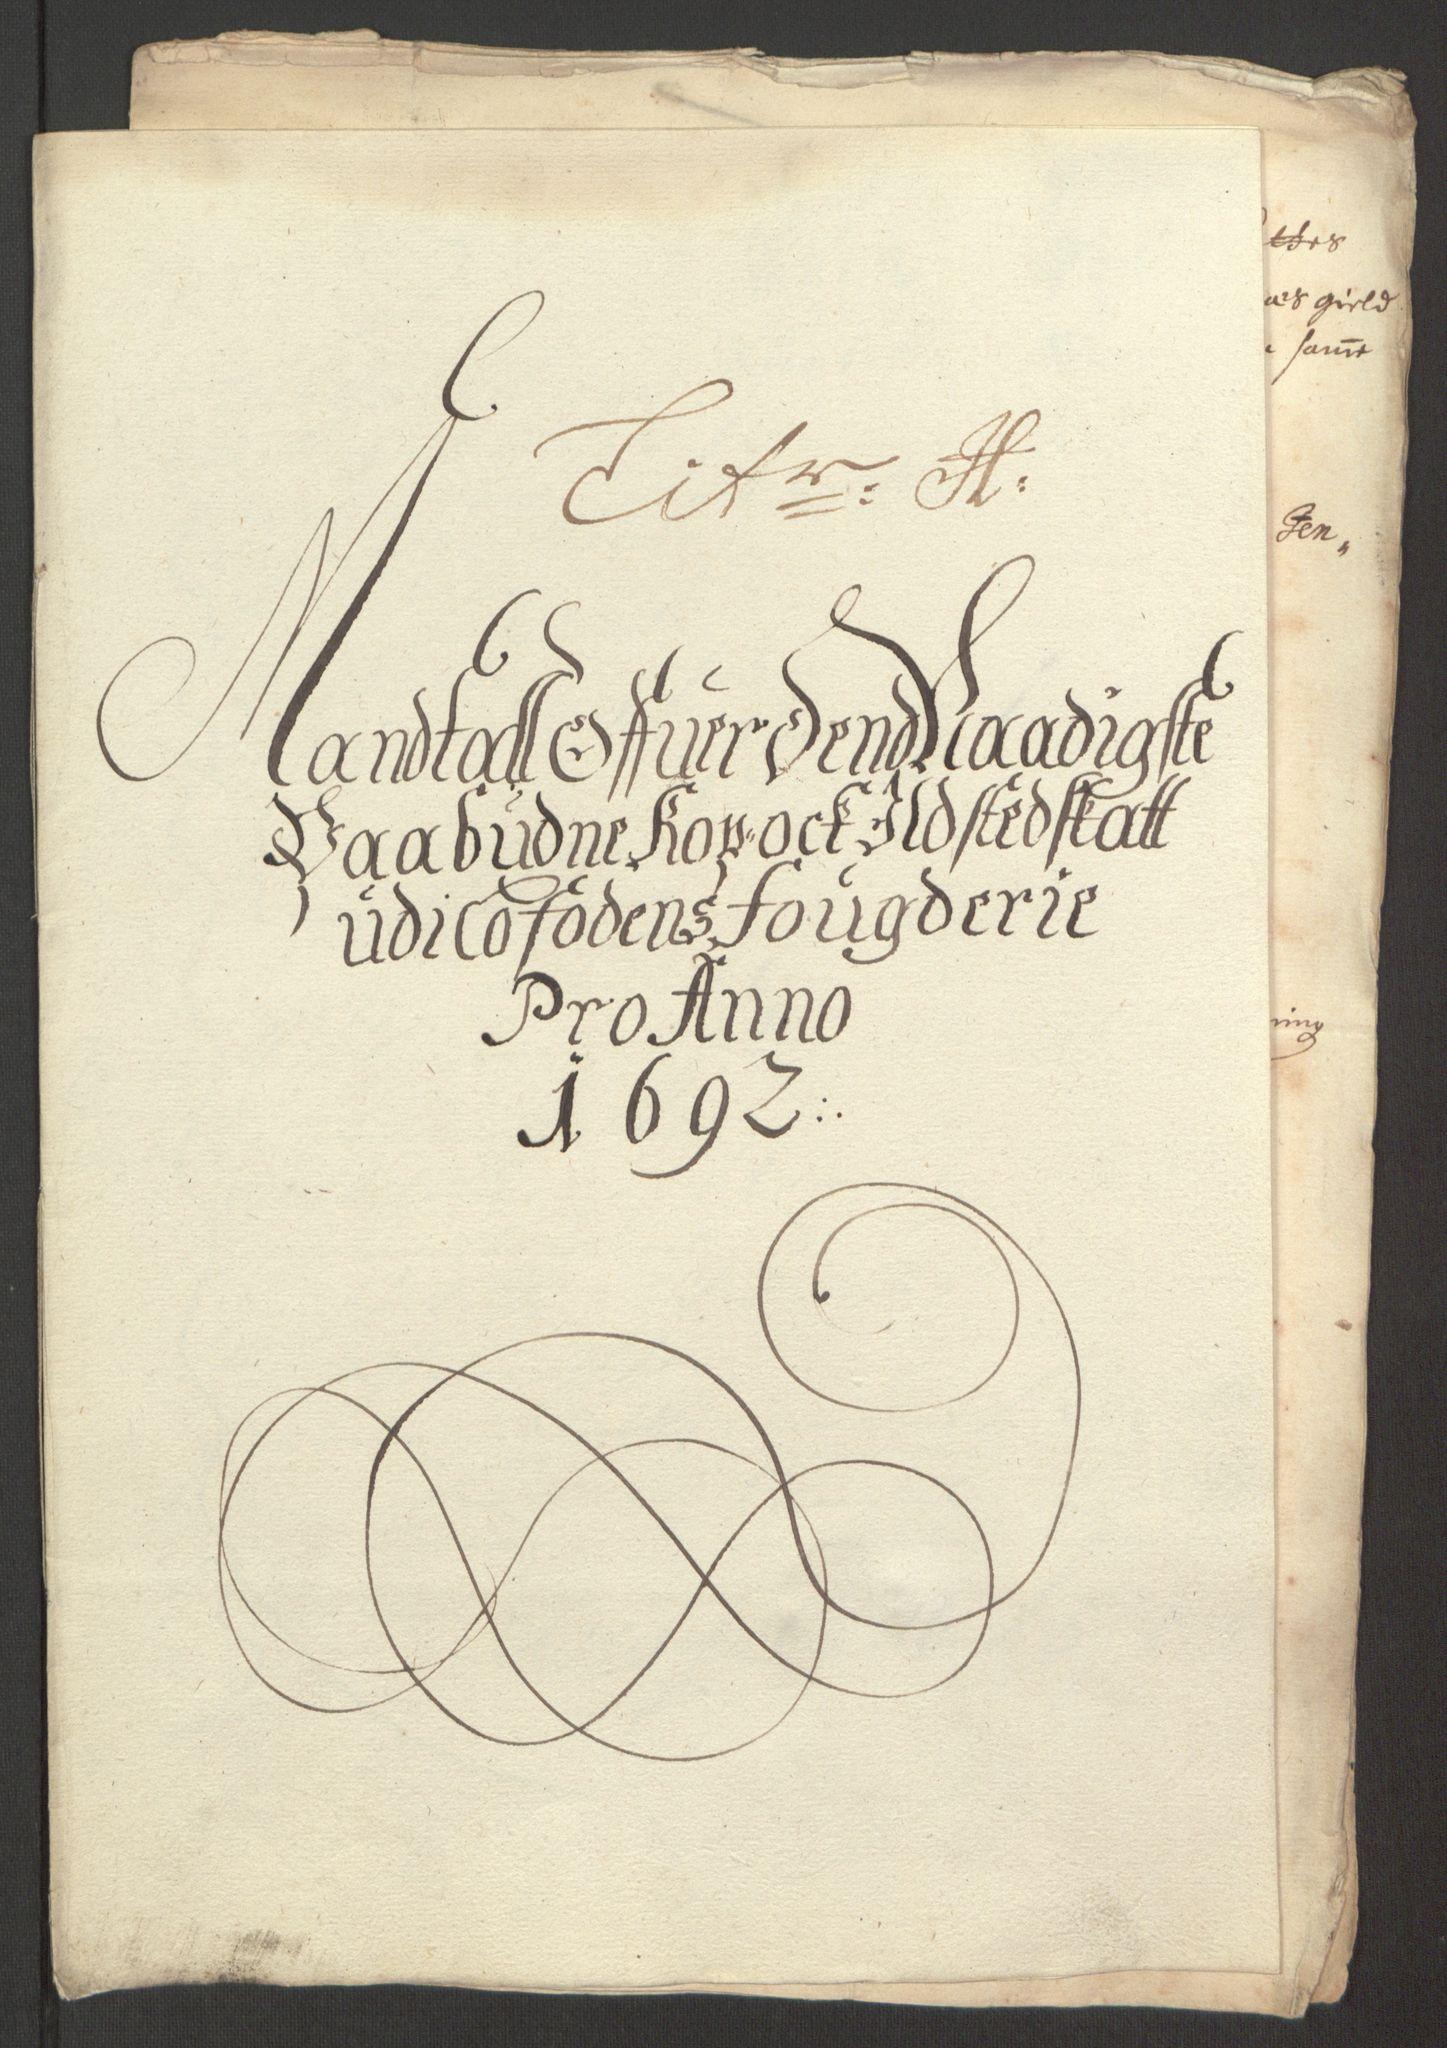 RA, Rentekammeret inntil 1814, Reviderte regnskaper, Fogderegnskap, R67/L4675: Fogderegnskap Vesterålen, Andenes og Lofoten, 1691-1693, s. 184